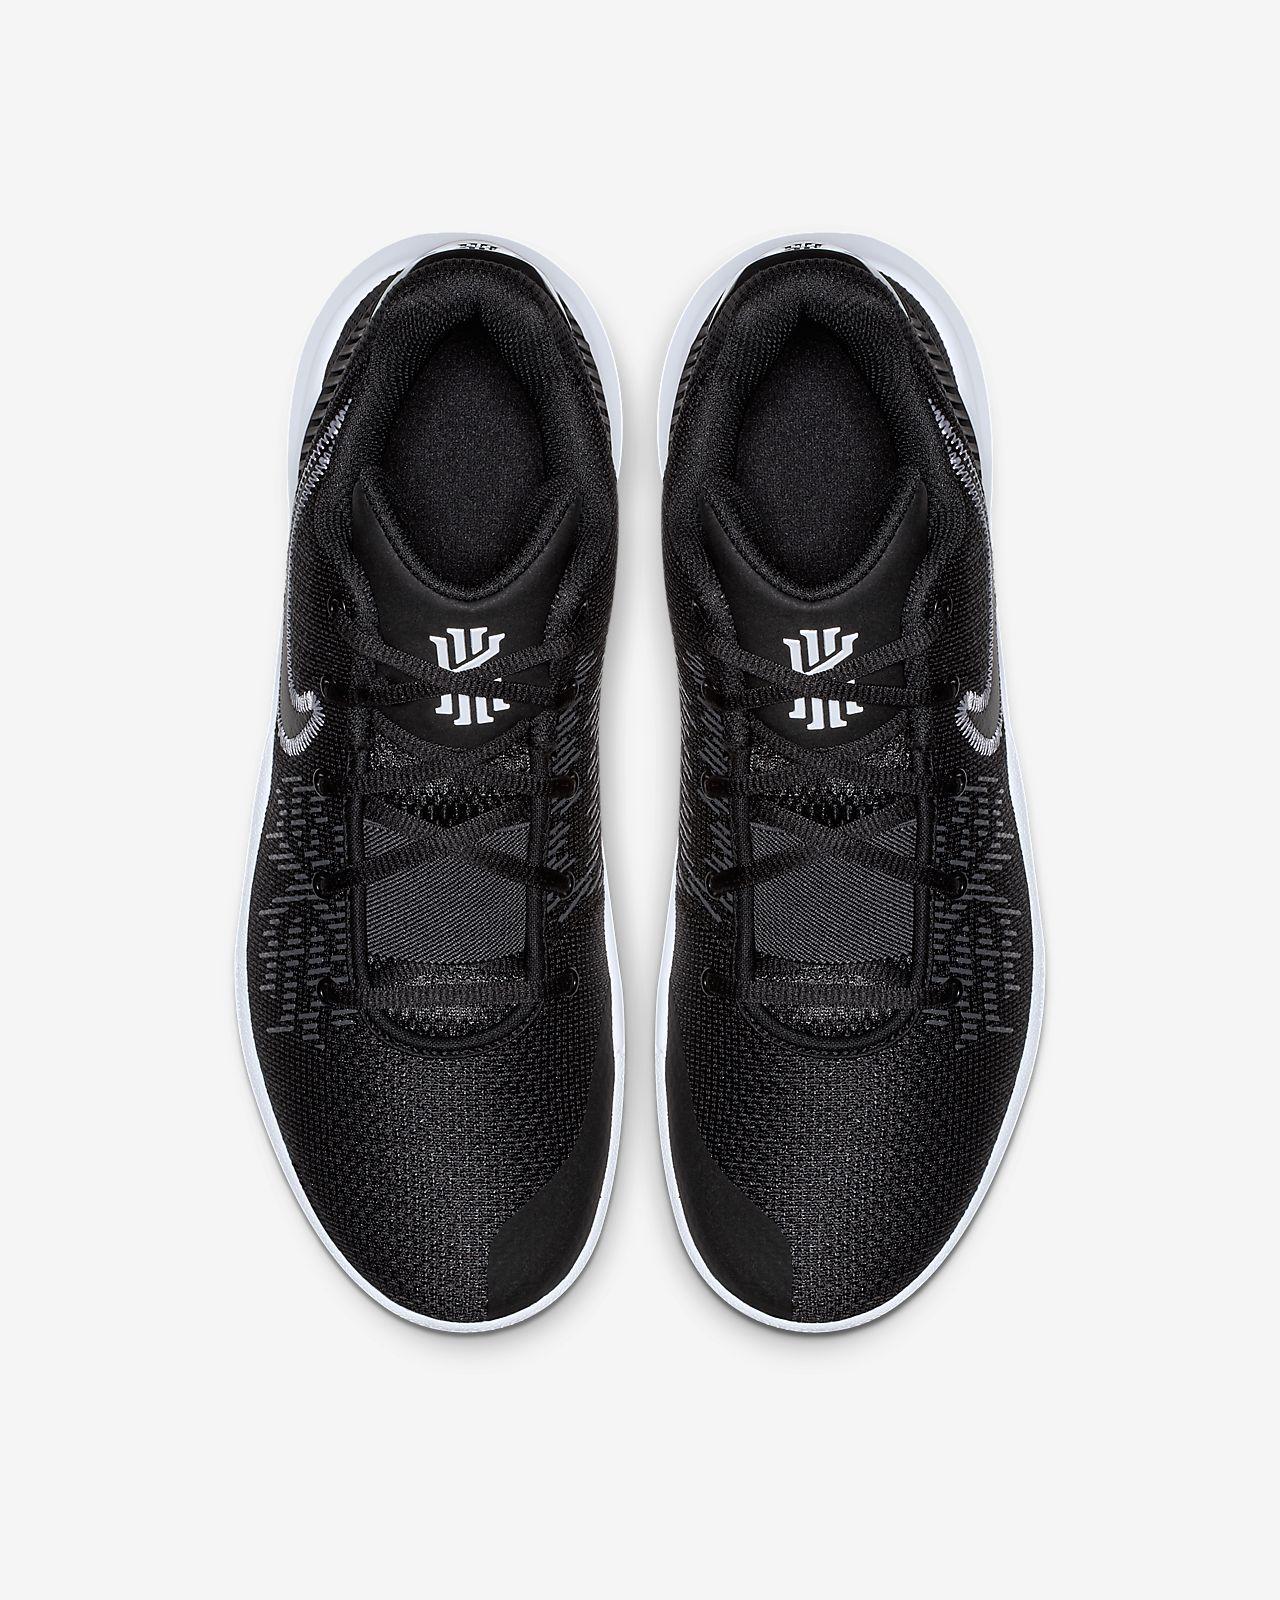 Kyrie Flytrap II Basketball Shoe. Nike.com AU 899841198